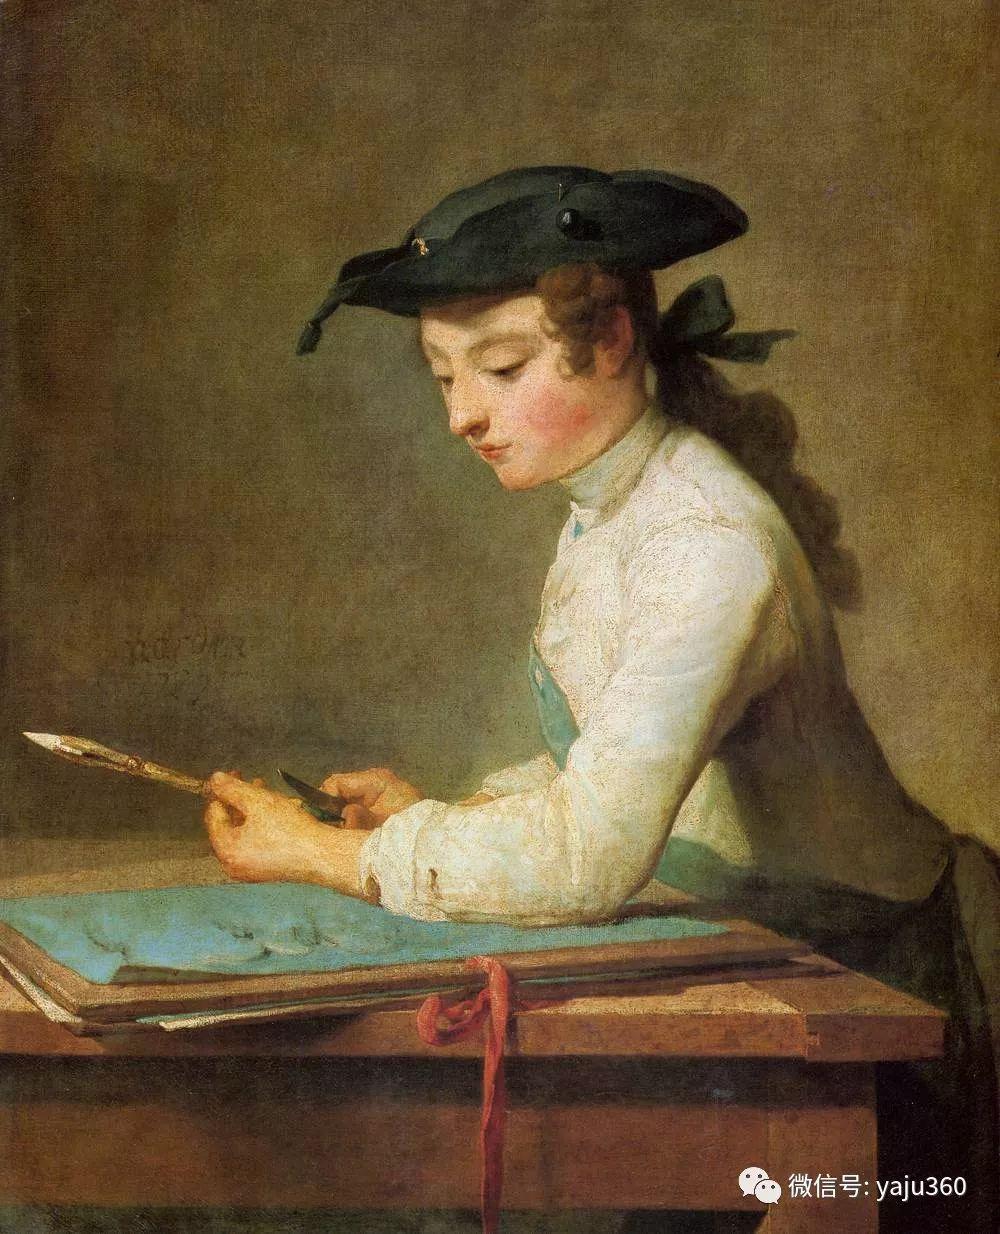 静物画巨匠 法国画家夏尔丹插图63